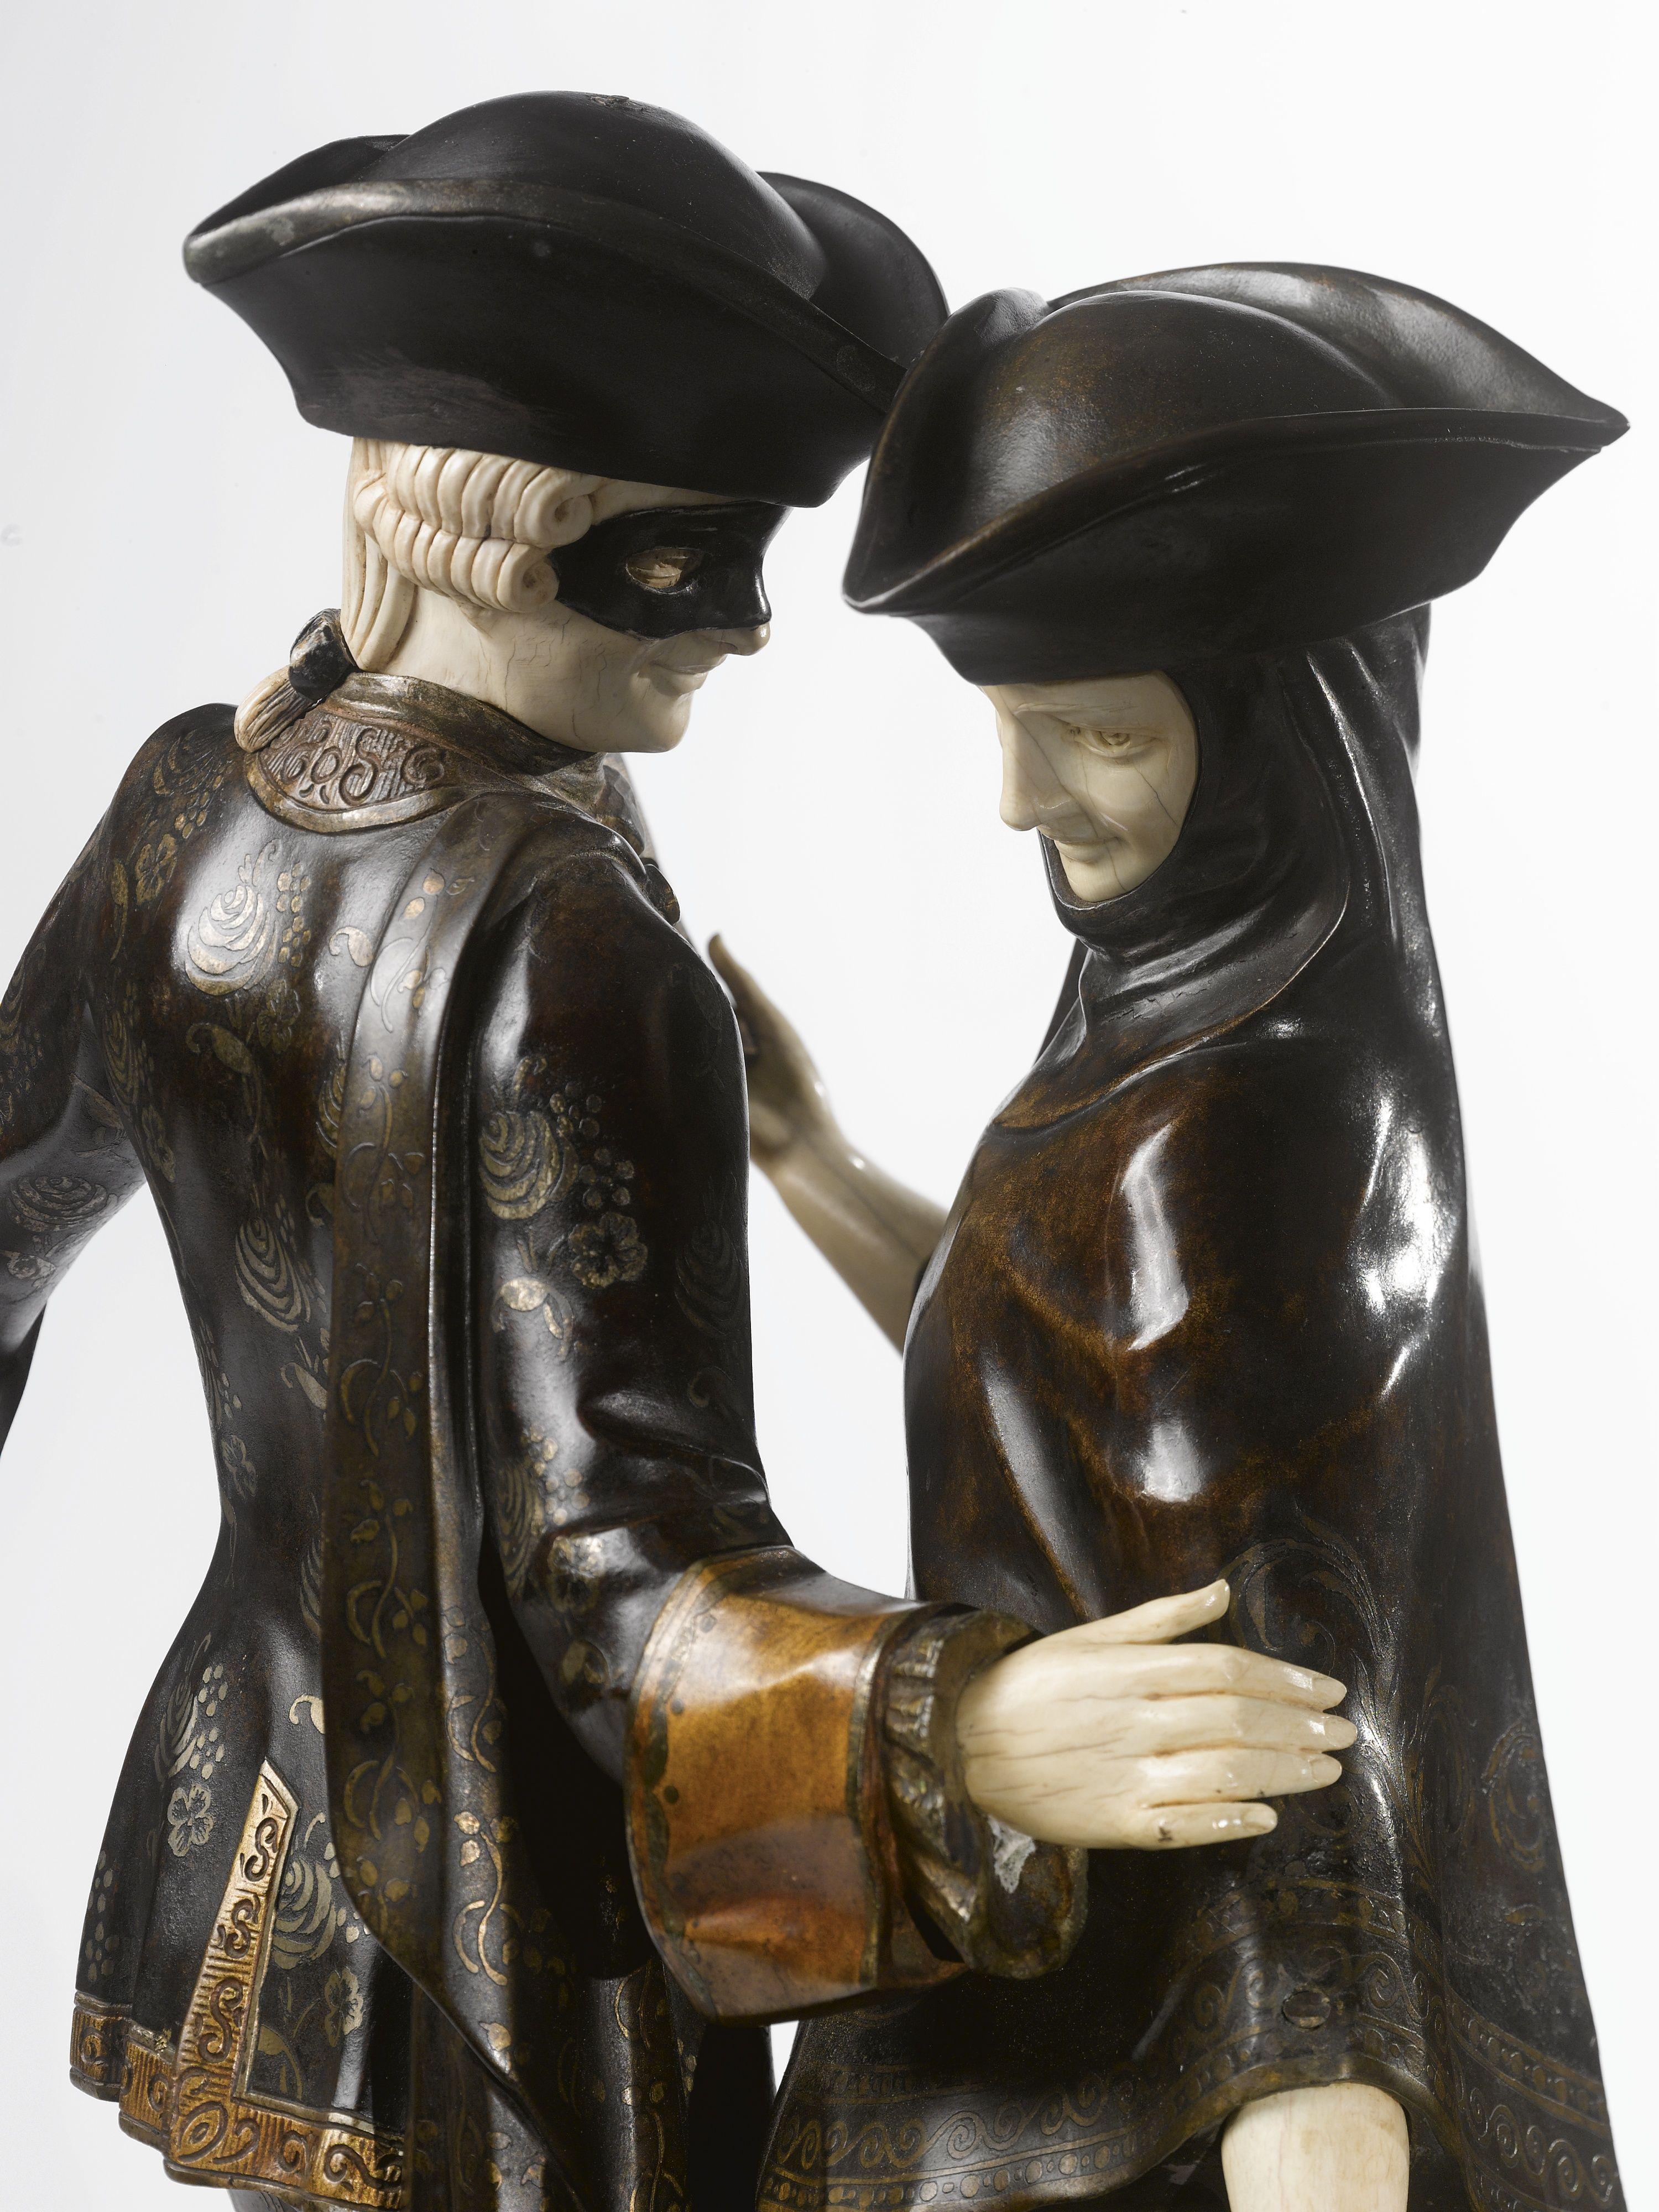 Гилберт, n08784lot63nv2en Альберт венецианские с ||| скульптура ||| сотбис